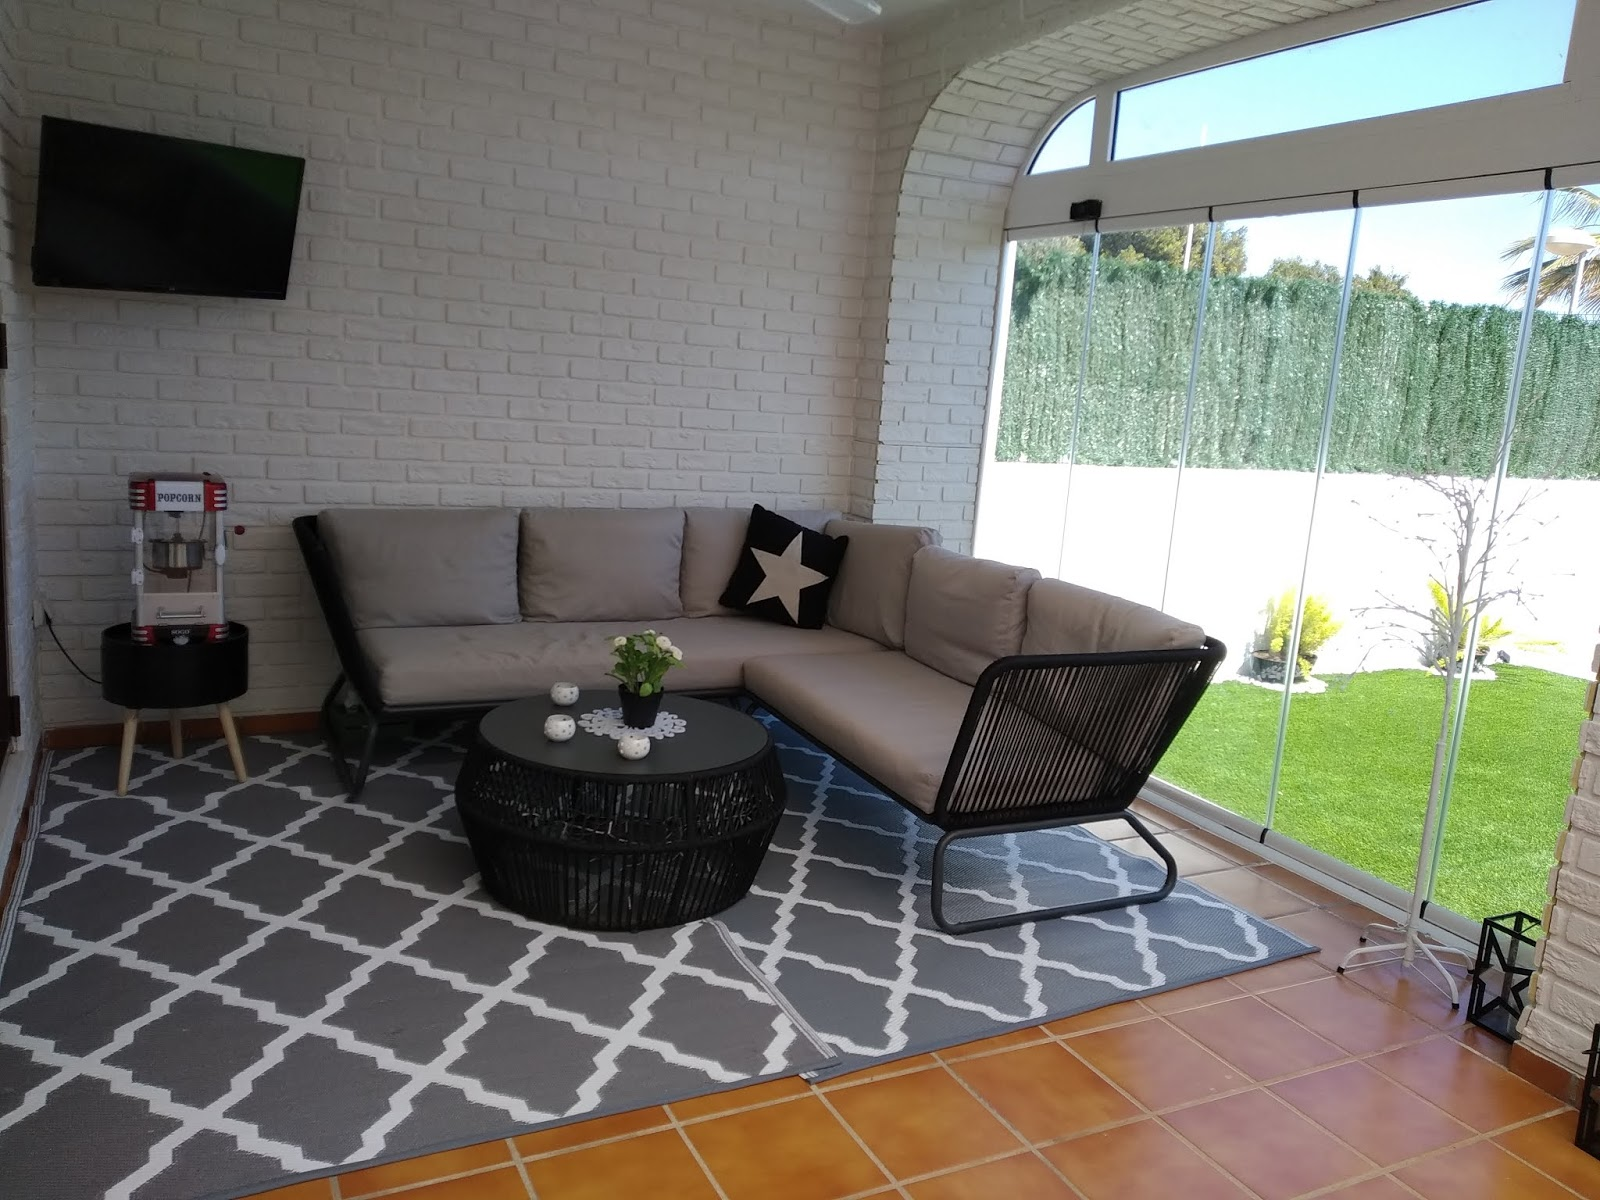 Salón y terraza interior revestidos con Ladrillo Bristol Blanco